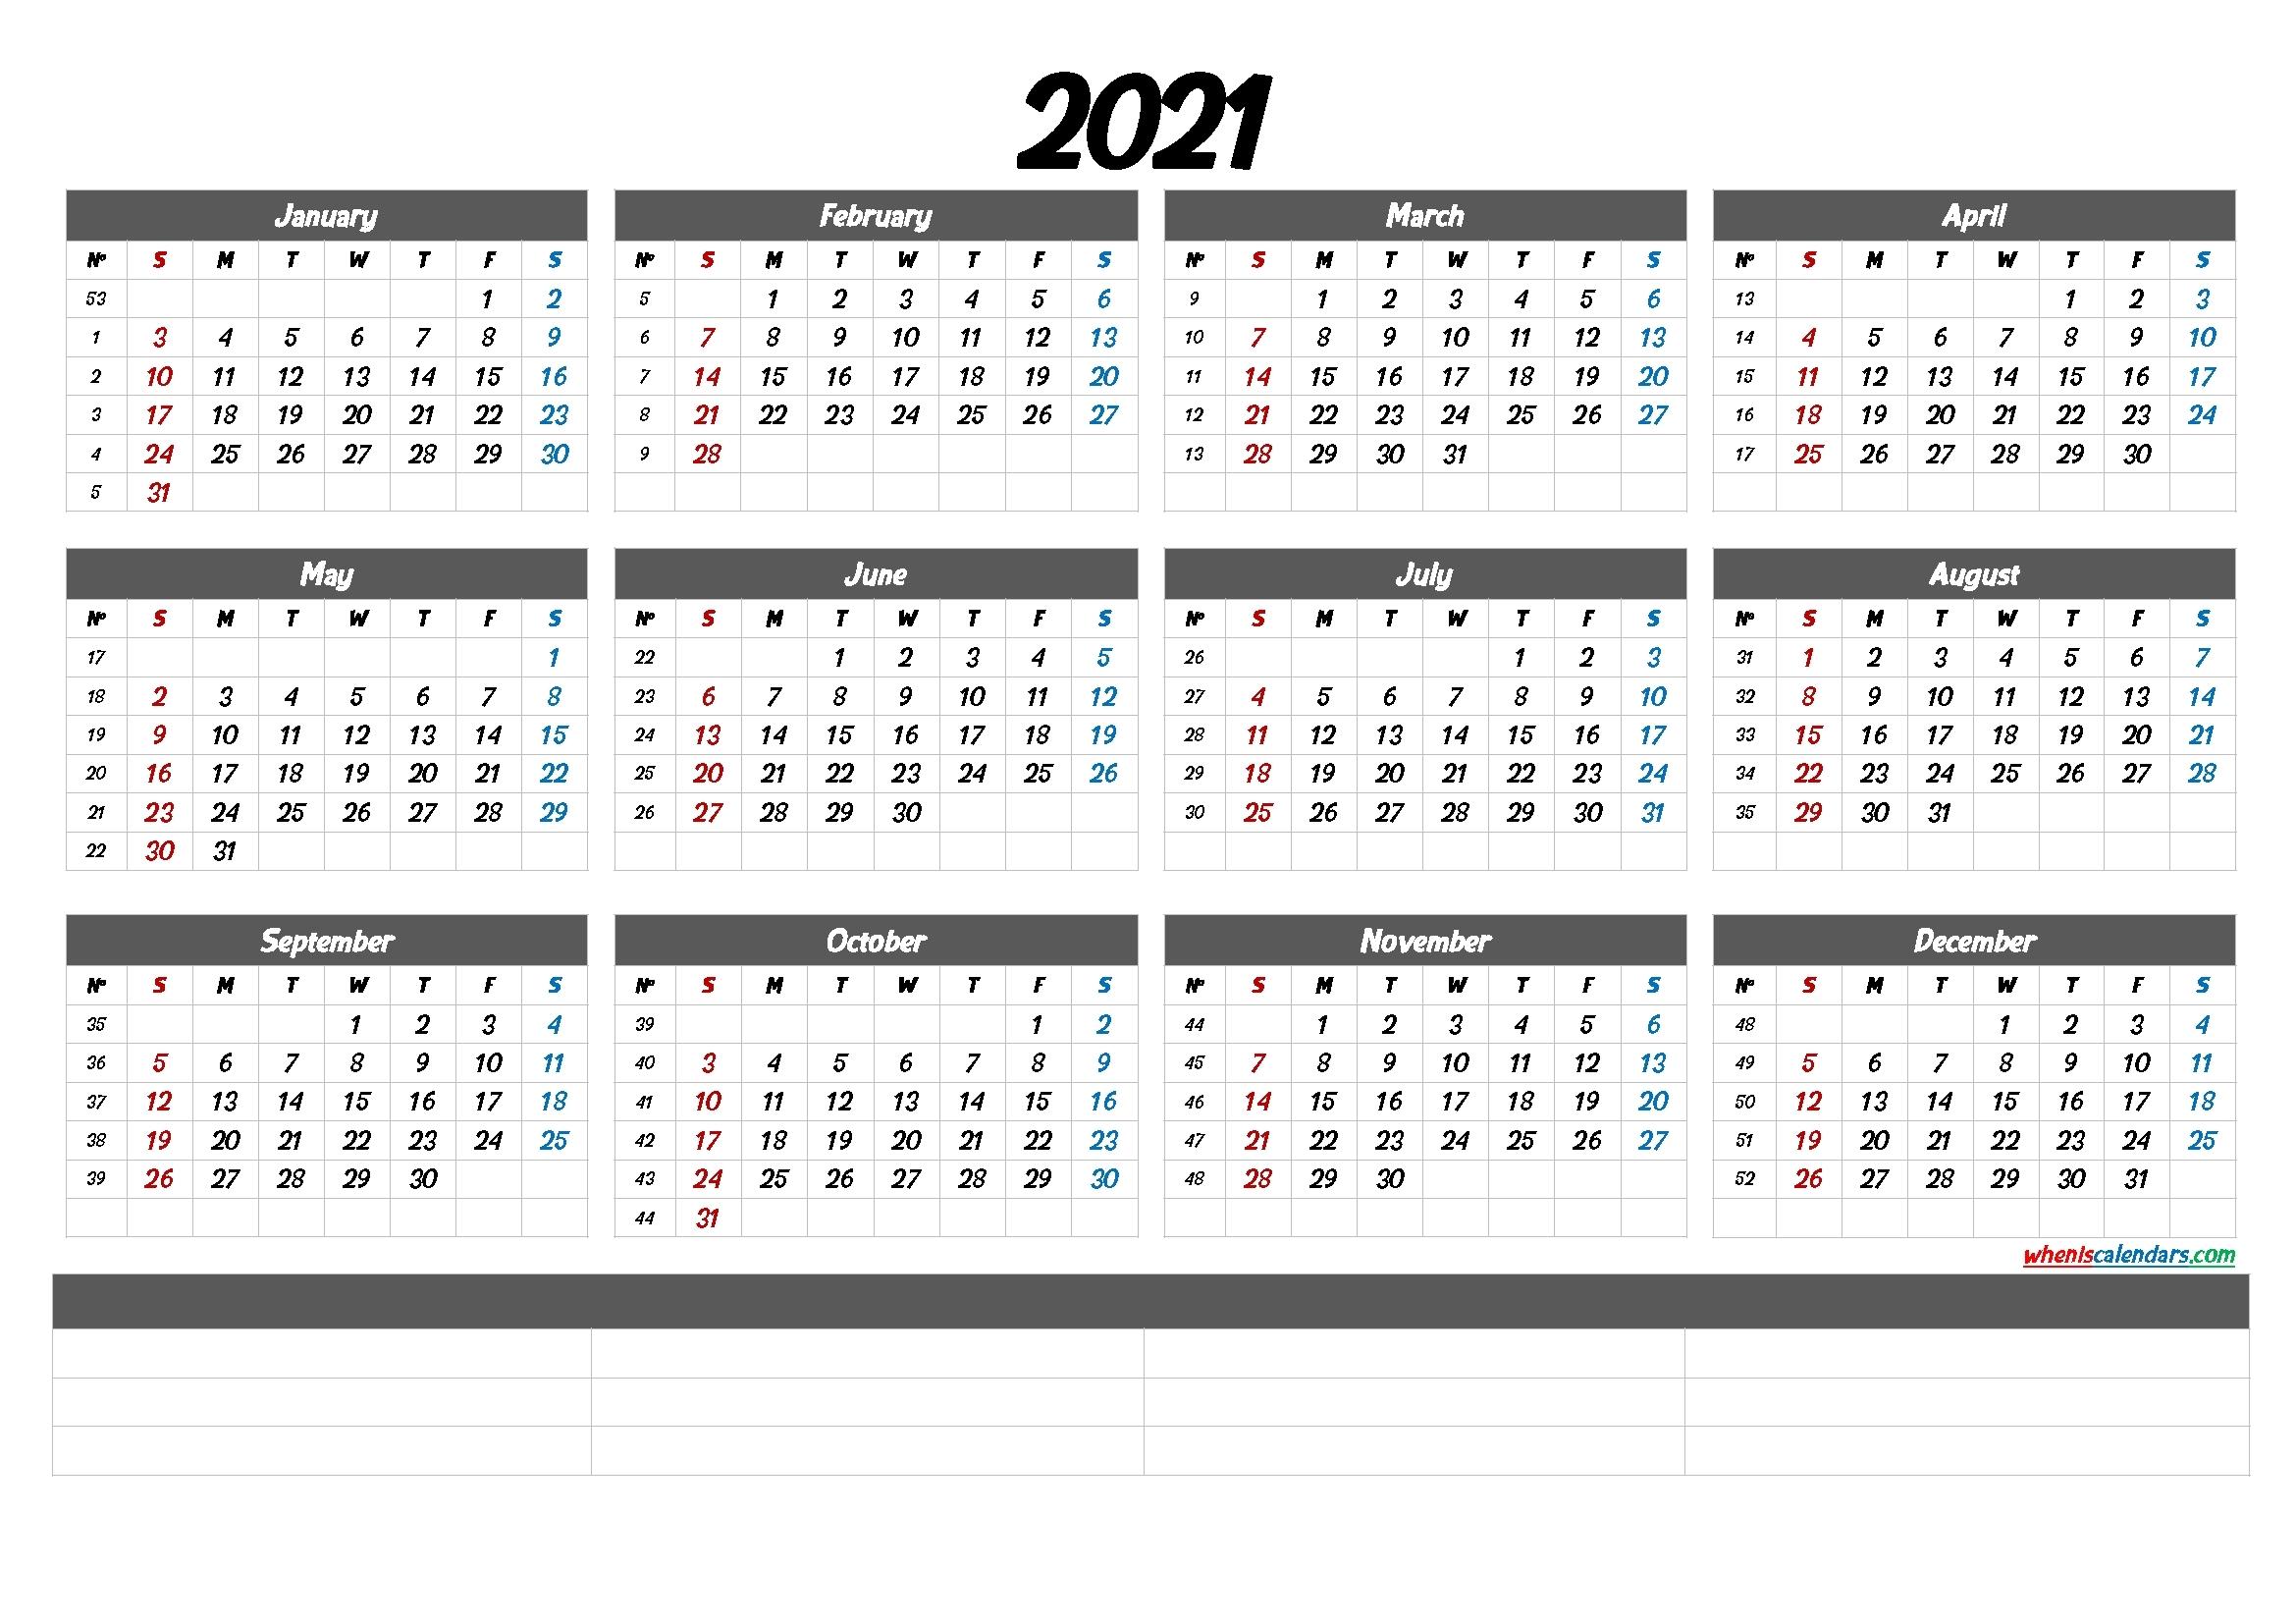 2021 Calendar With Week Numbers Printable (6 Templates